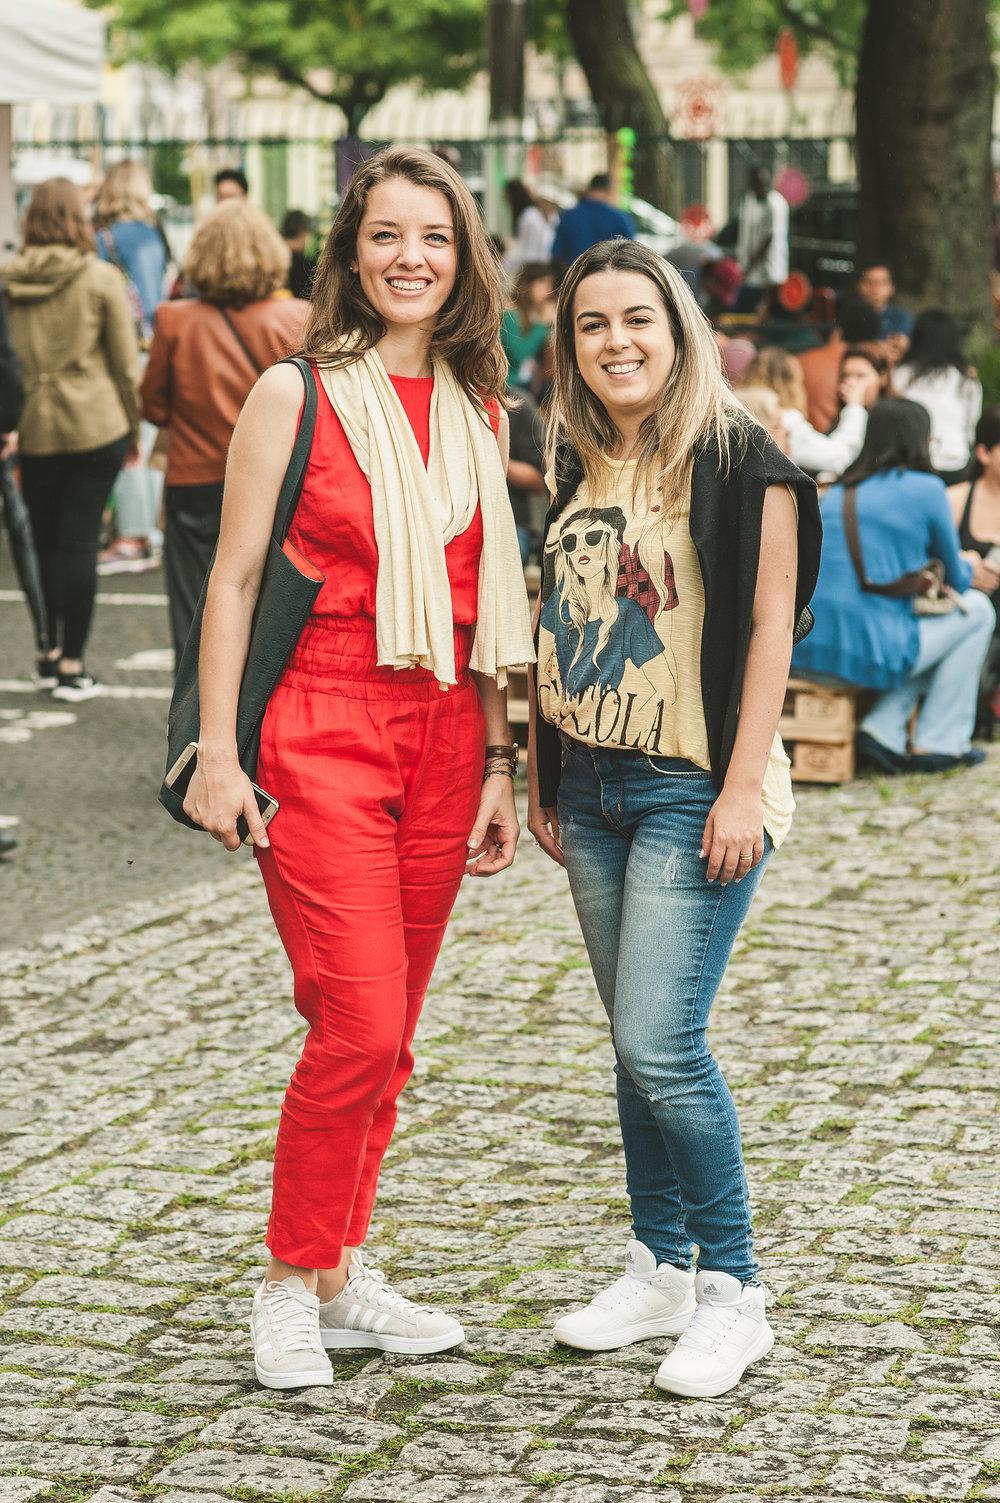 Vanessa Moreira  é fã de longa data nosso festival. Que delícia! Desta vez, levou junto a amiga Jaqueline Takai para ver as novidades dos artesãos e acompanhar os shows do evento.